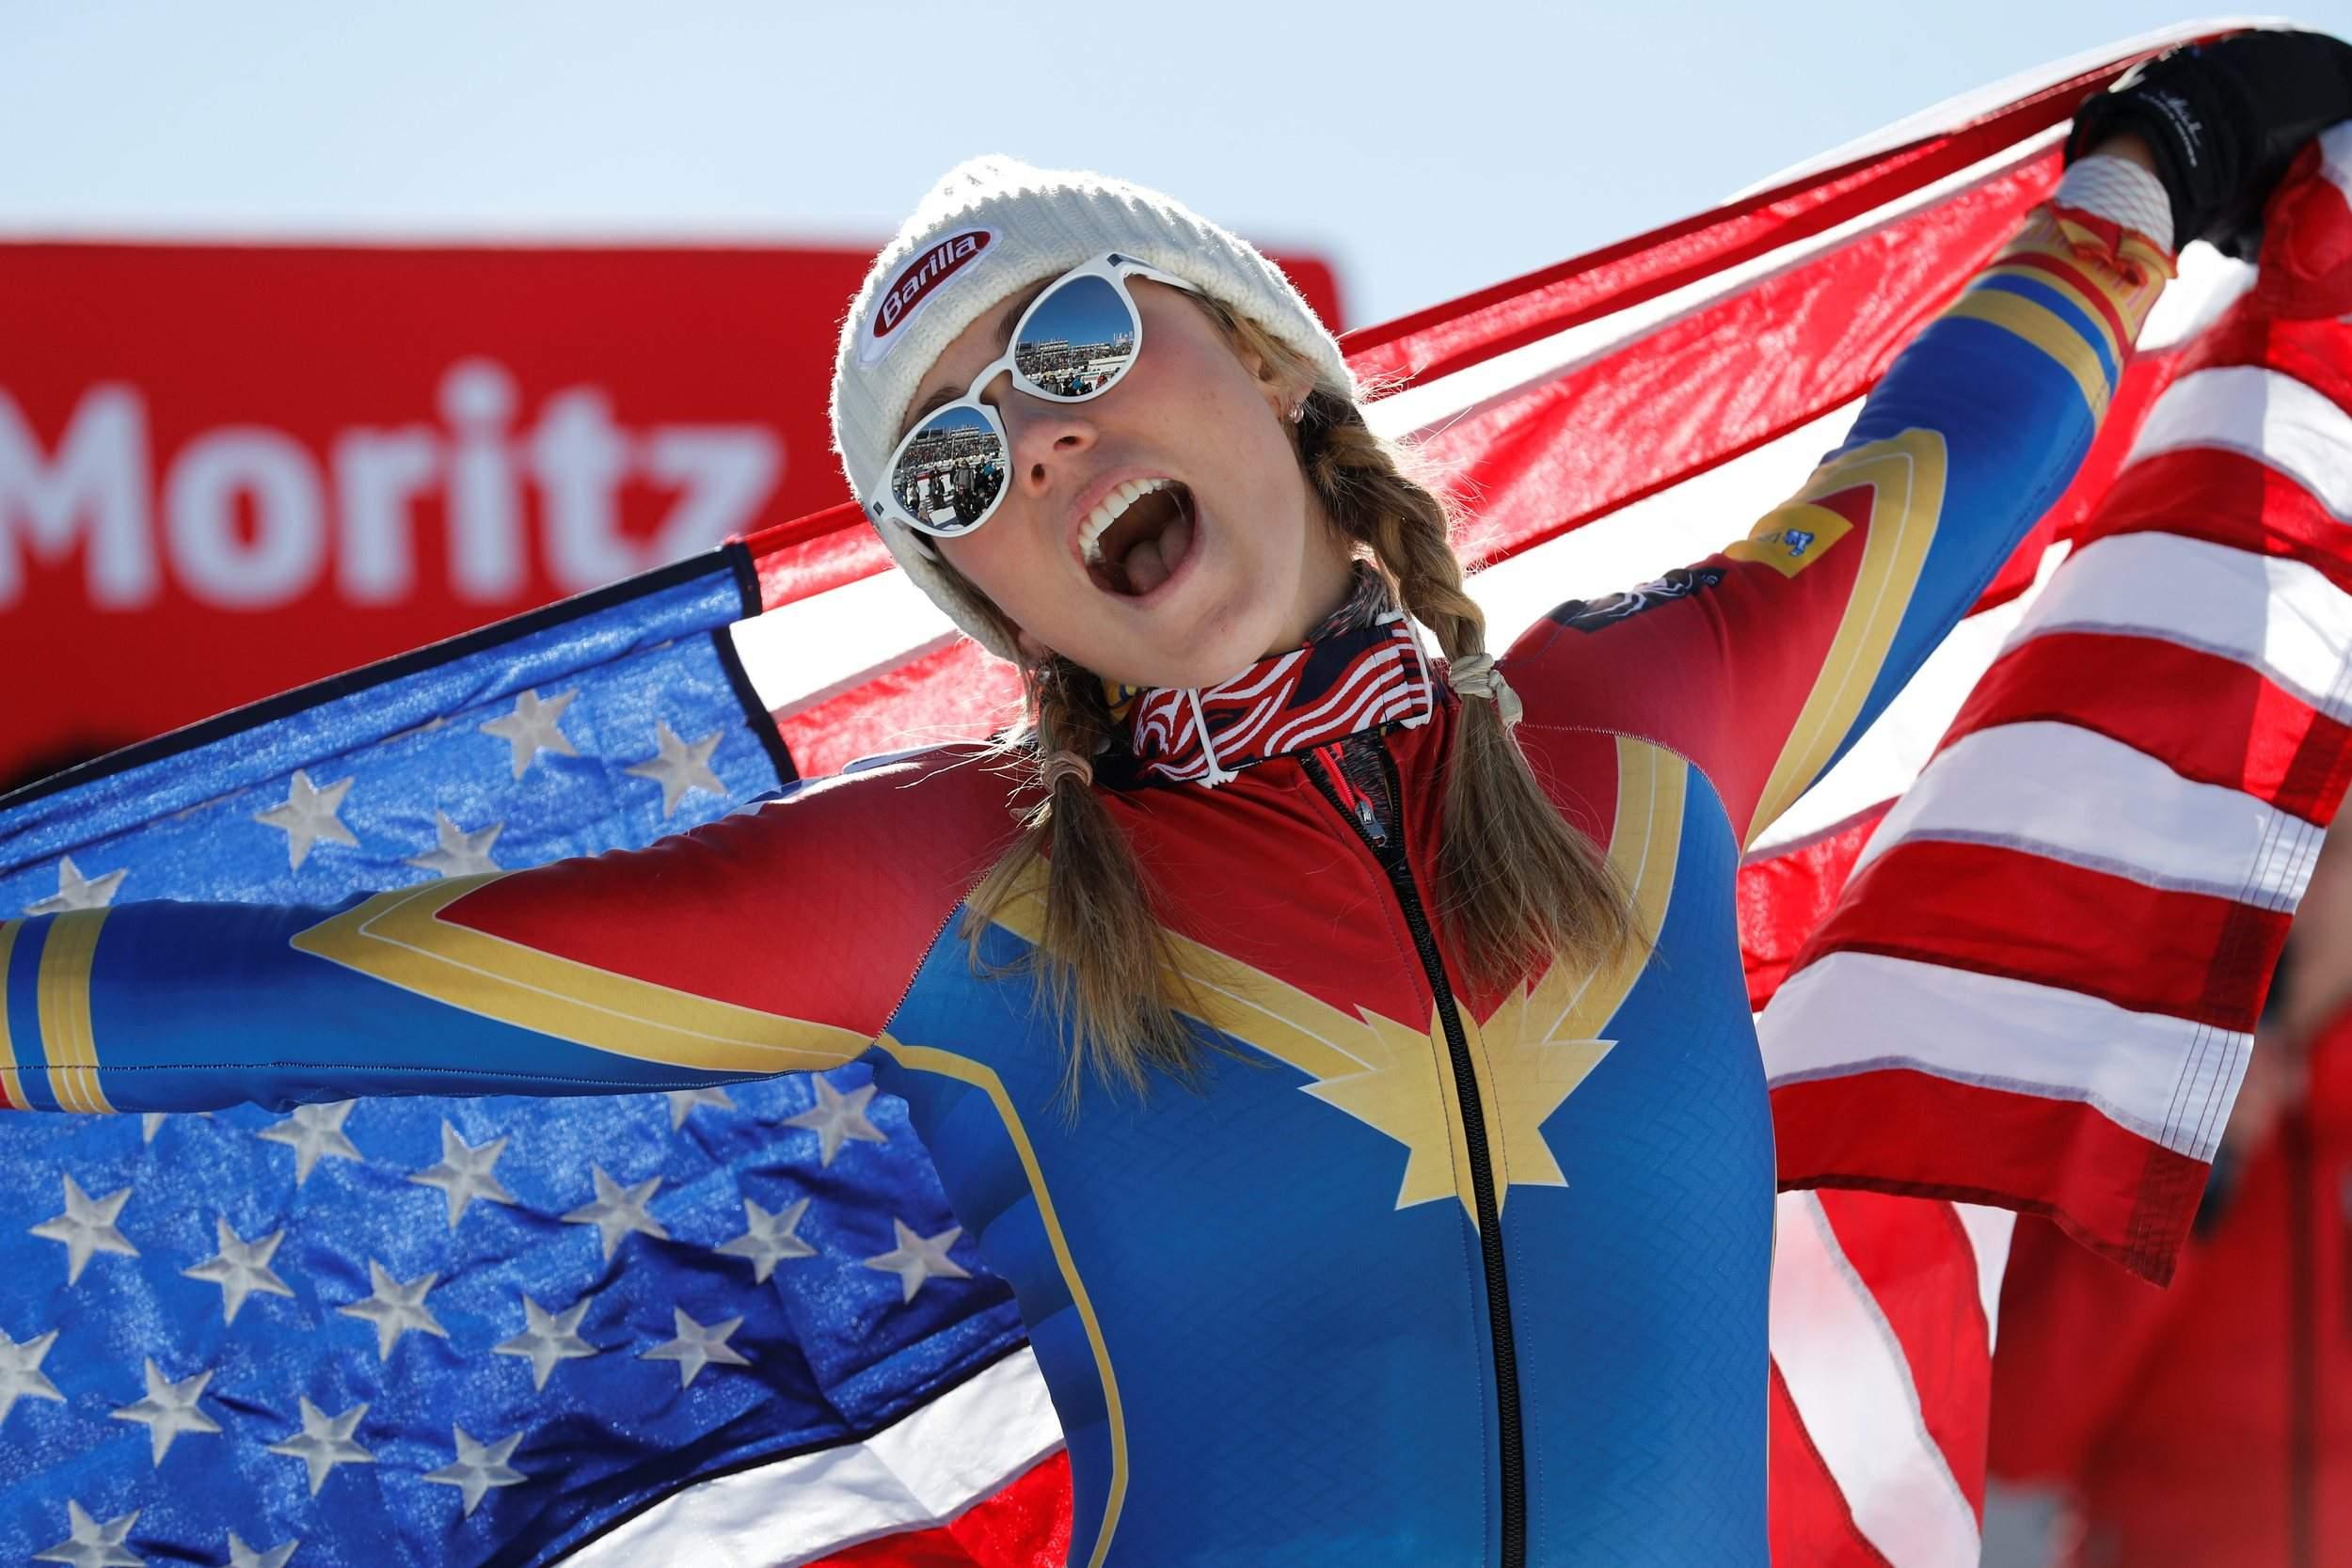 mikaela shiffrin feature image - Americký olympijský lyžařský tým na sjezdovkách v oblecích inspirovaných Marvel